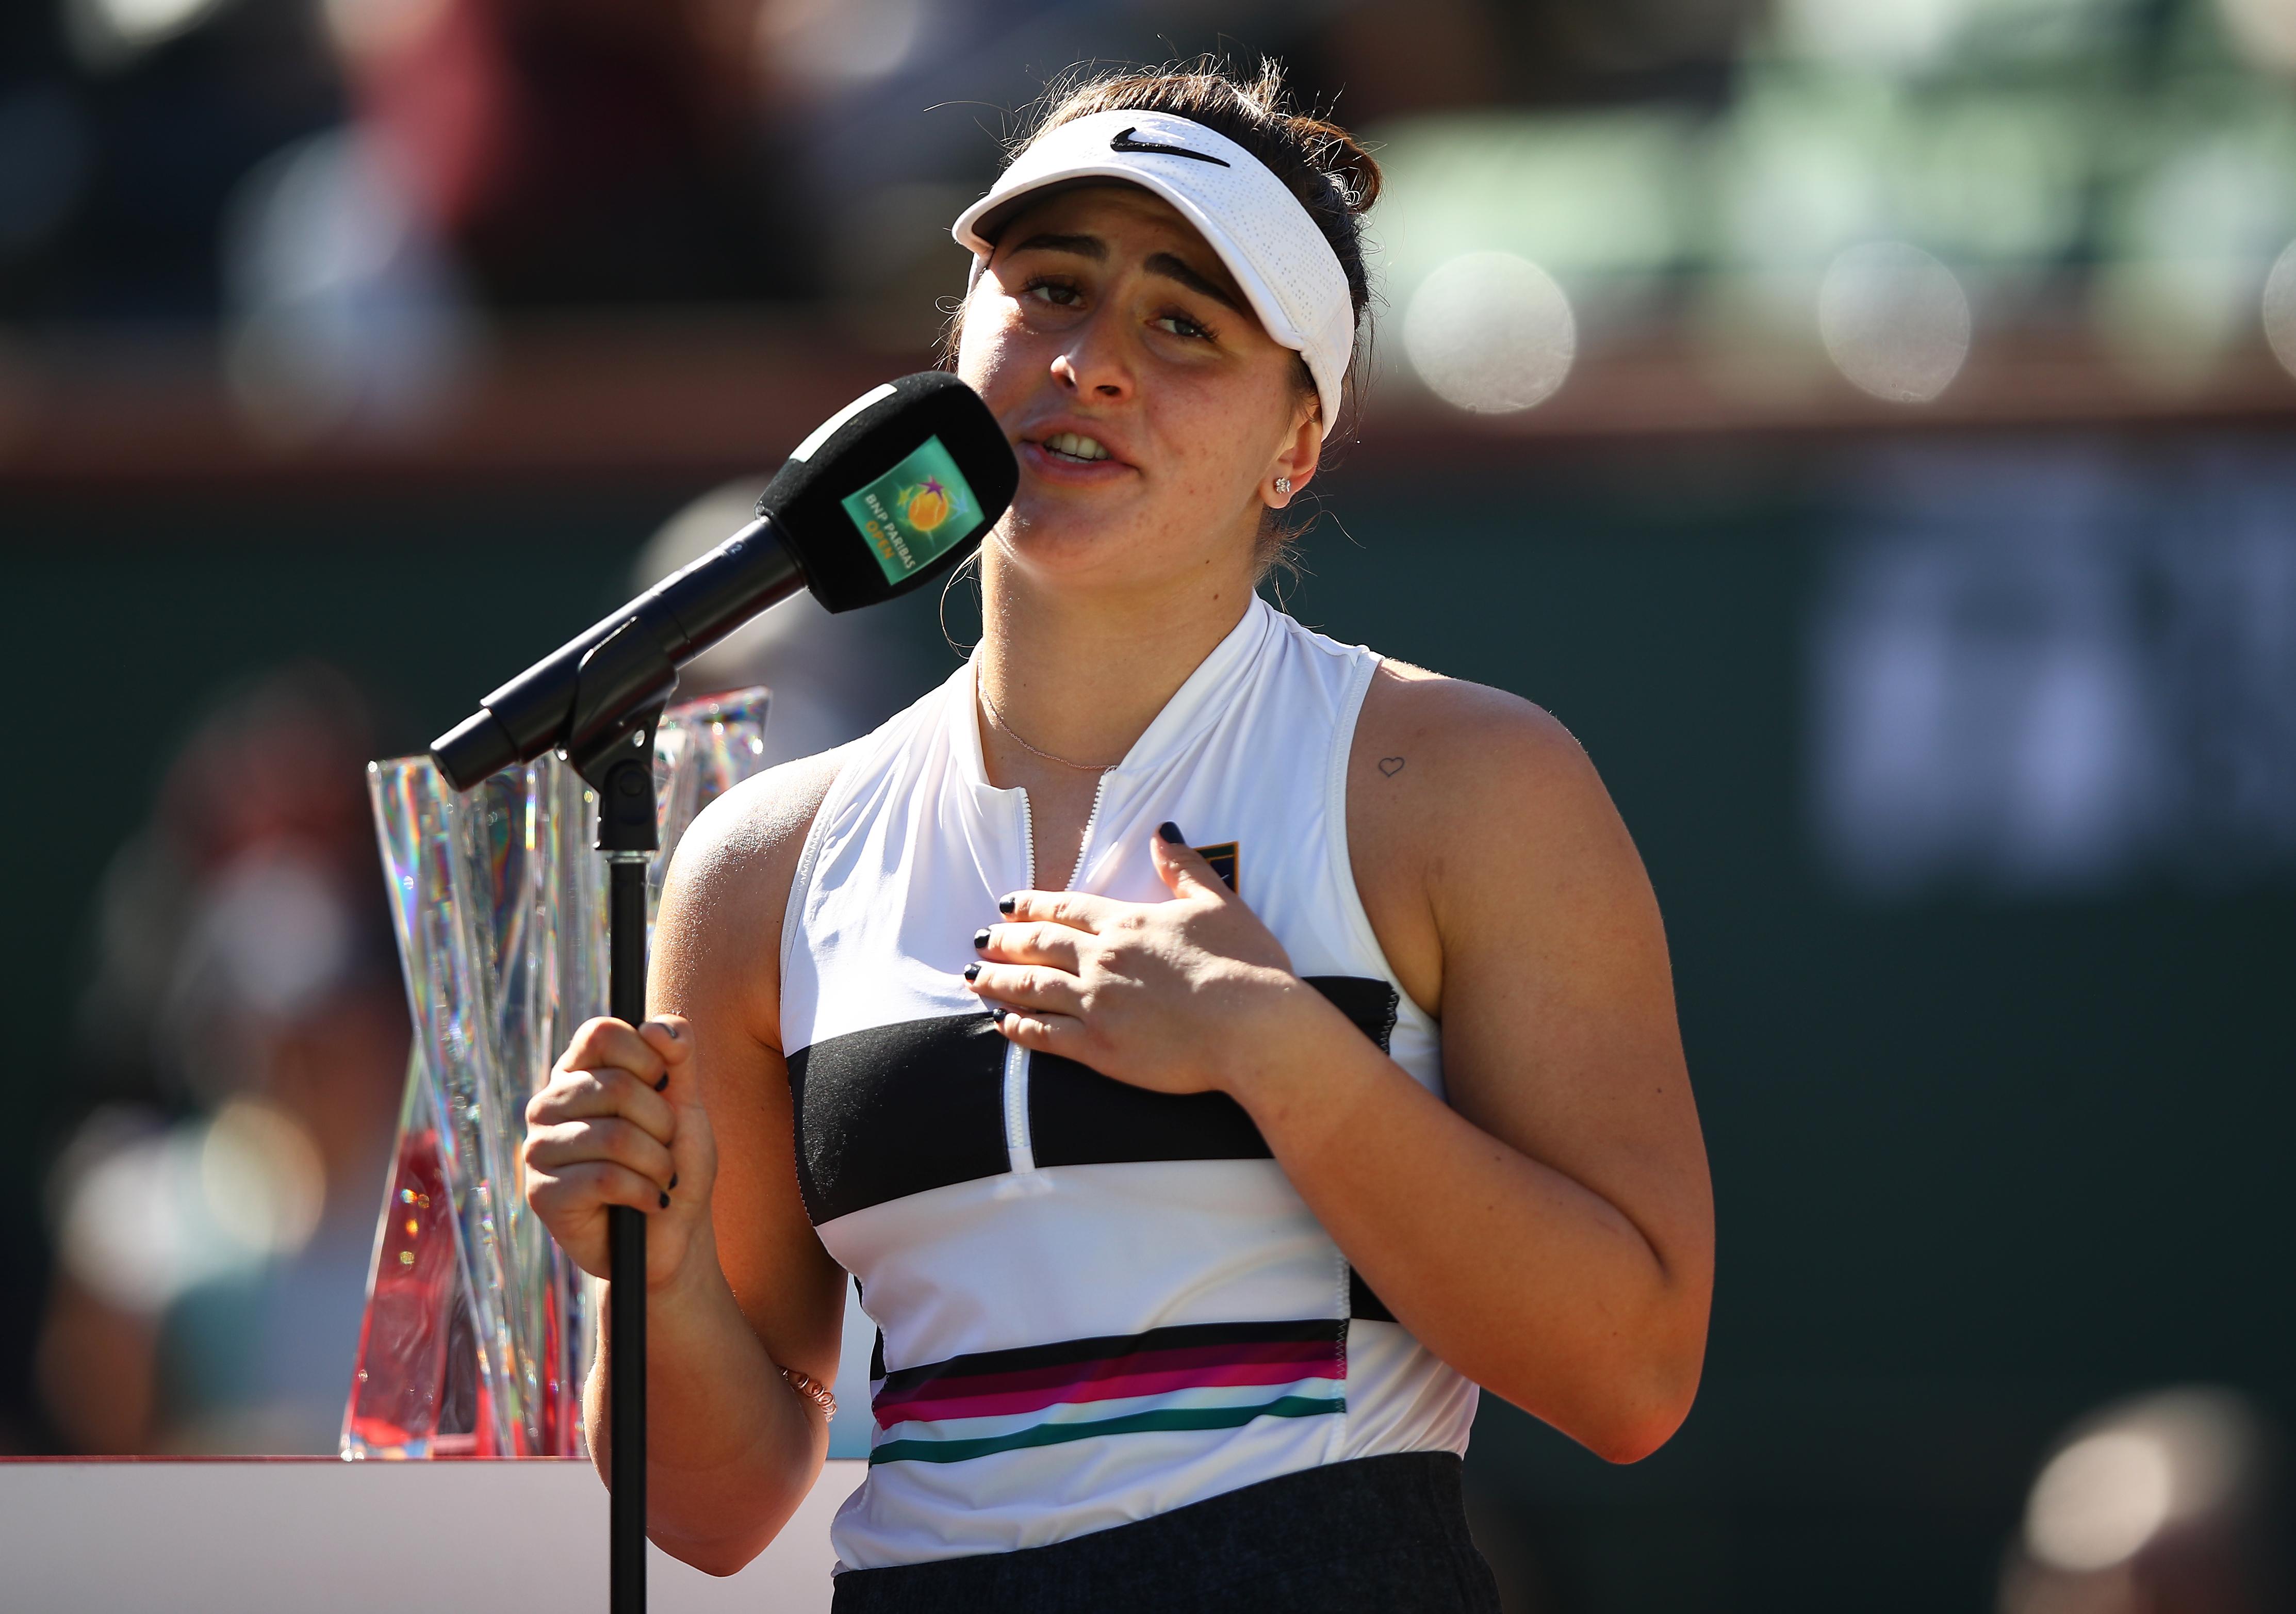 Nici Halep n-a făcut aşa ceva. Bianca Andreescu i-a surprins pe toţi şi le-a vorbit americanilor în română după trofeul de la Indian Wells